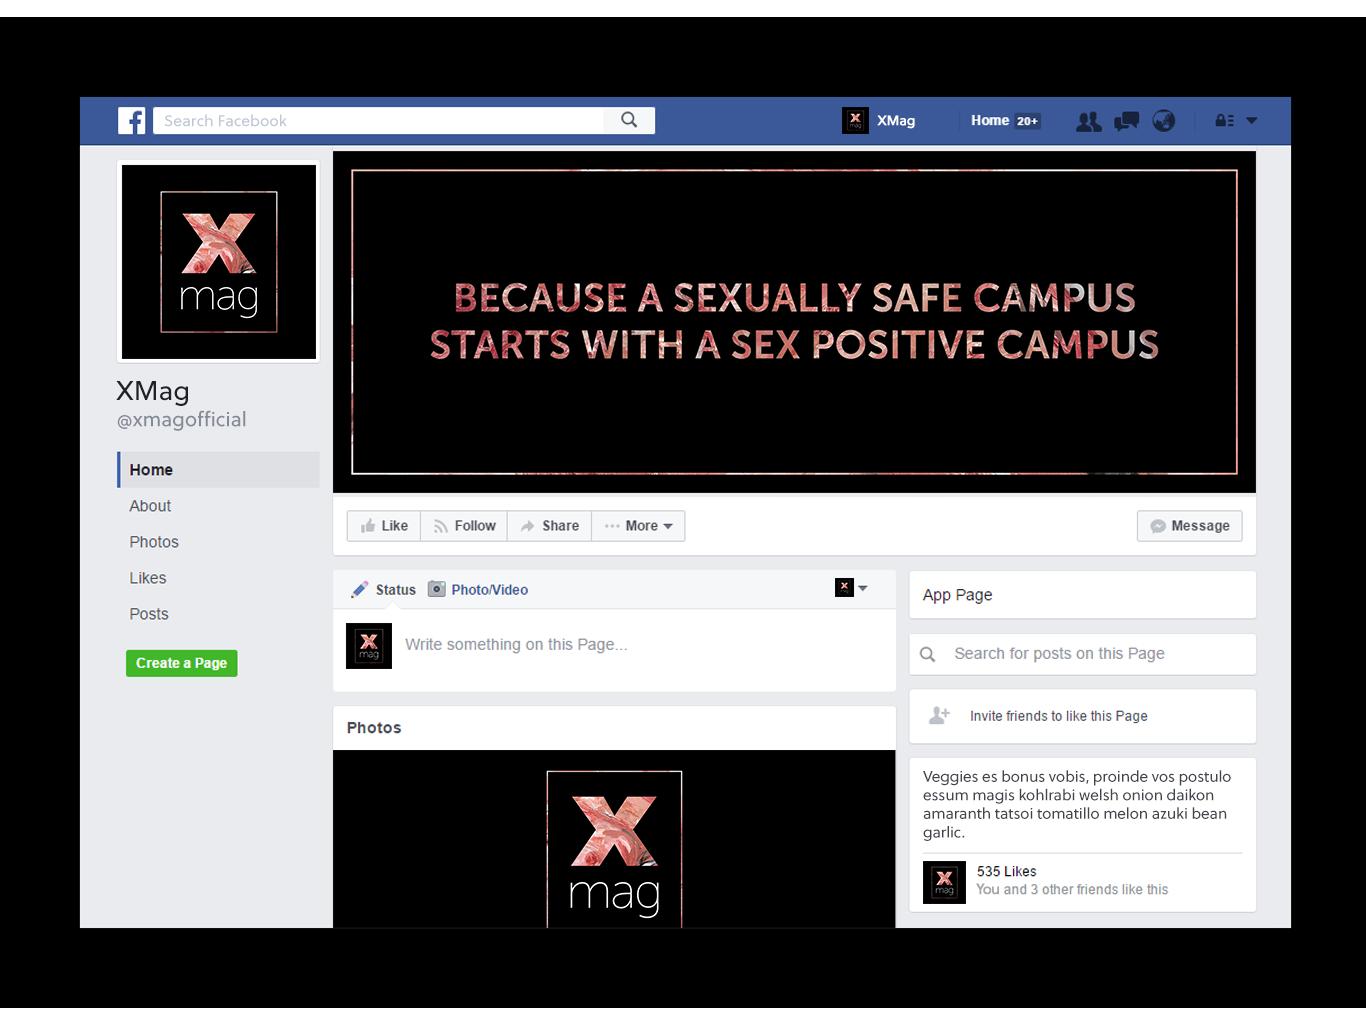 XMag FB mockup.png